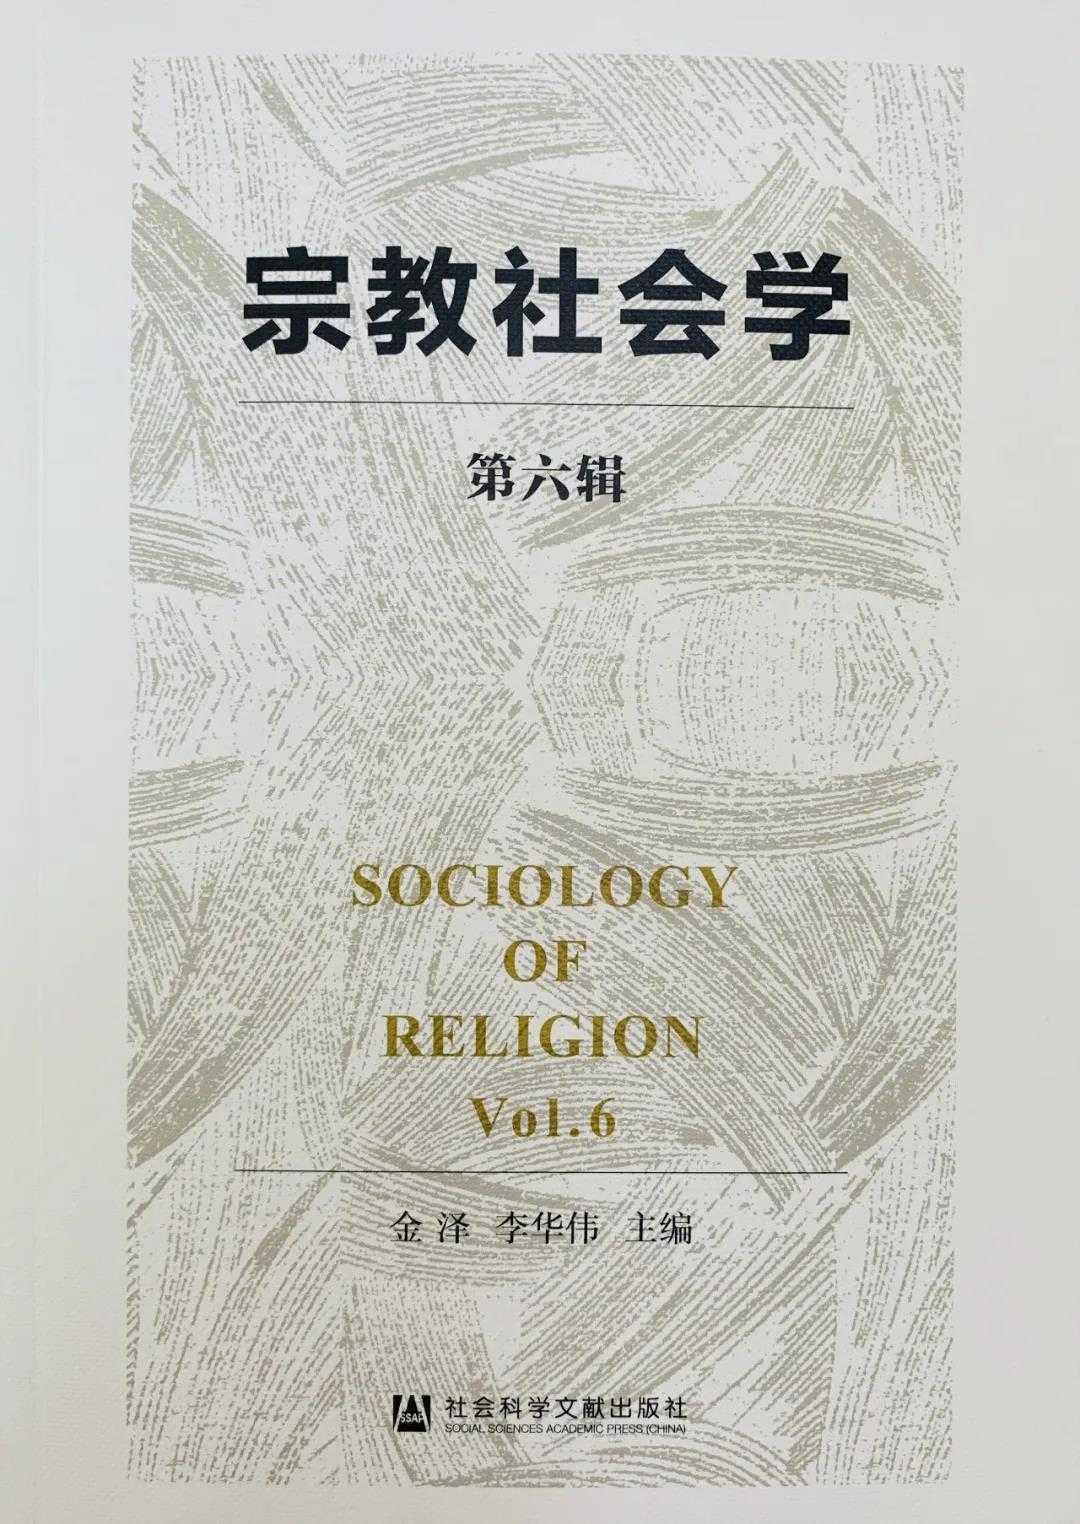 《宗教社会学》第六辑目录